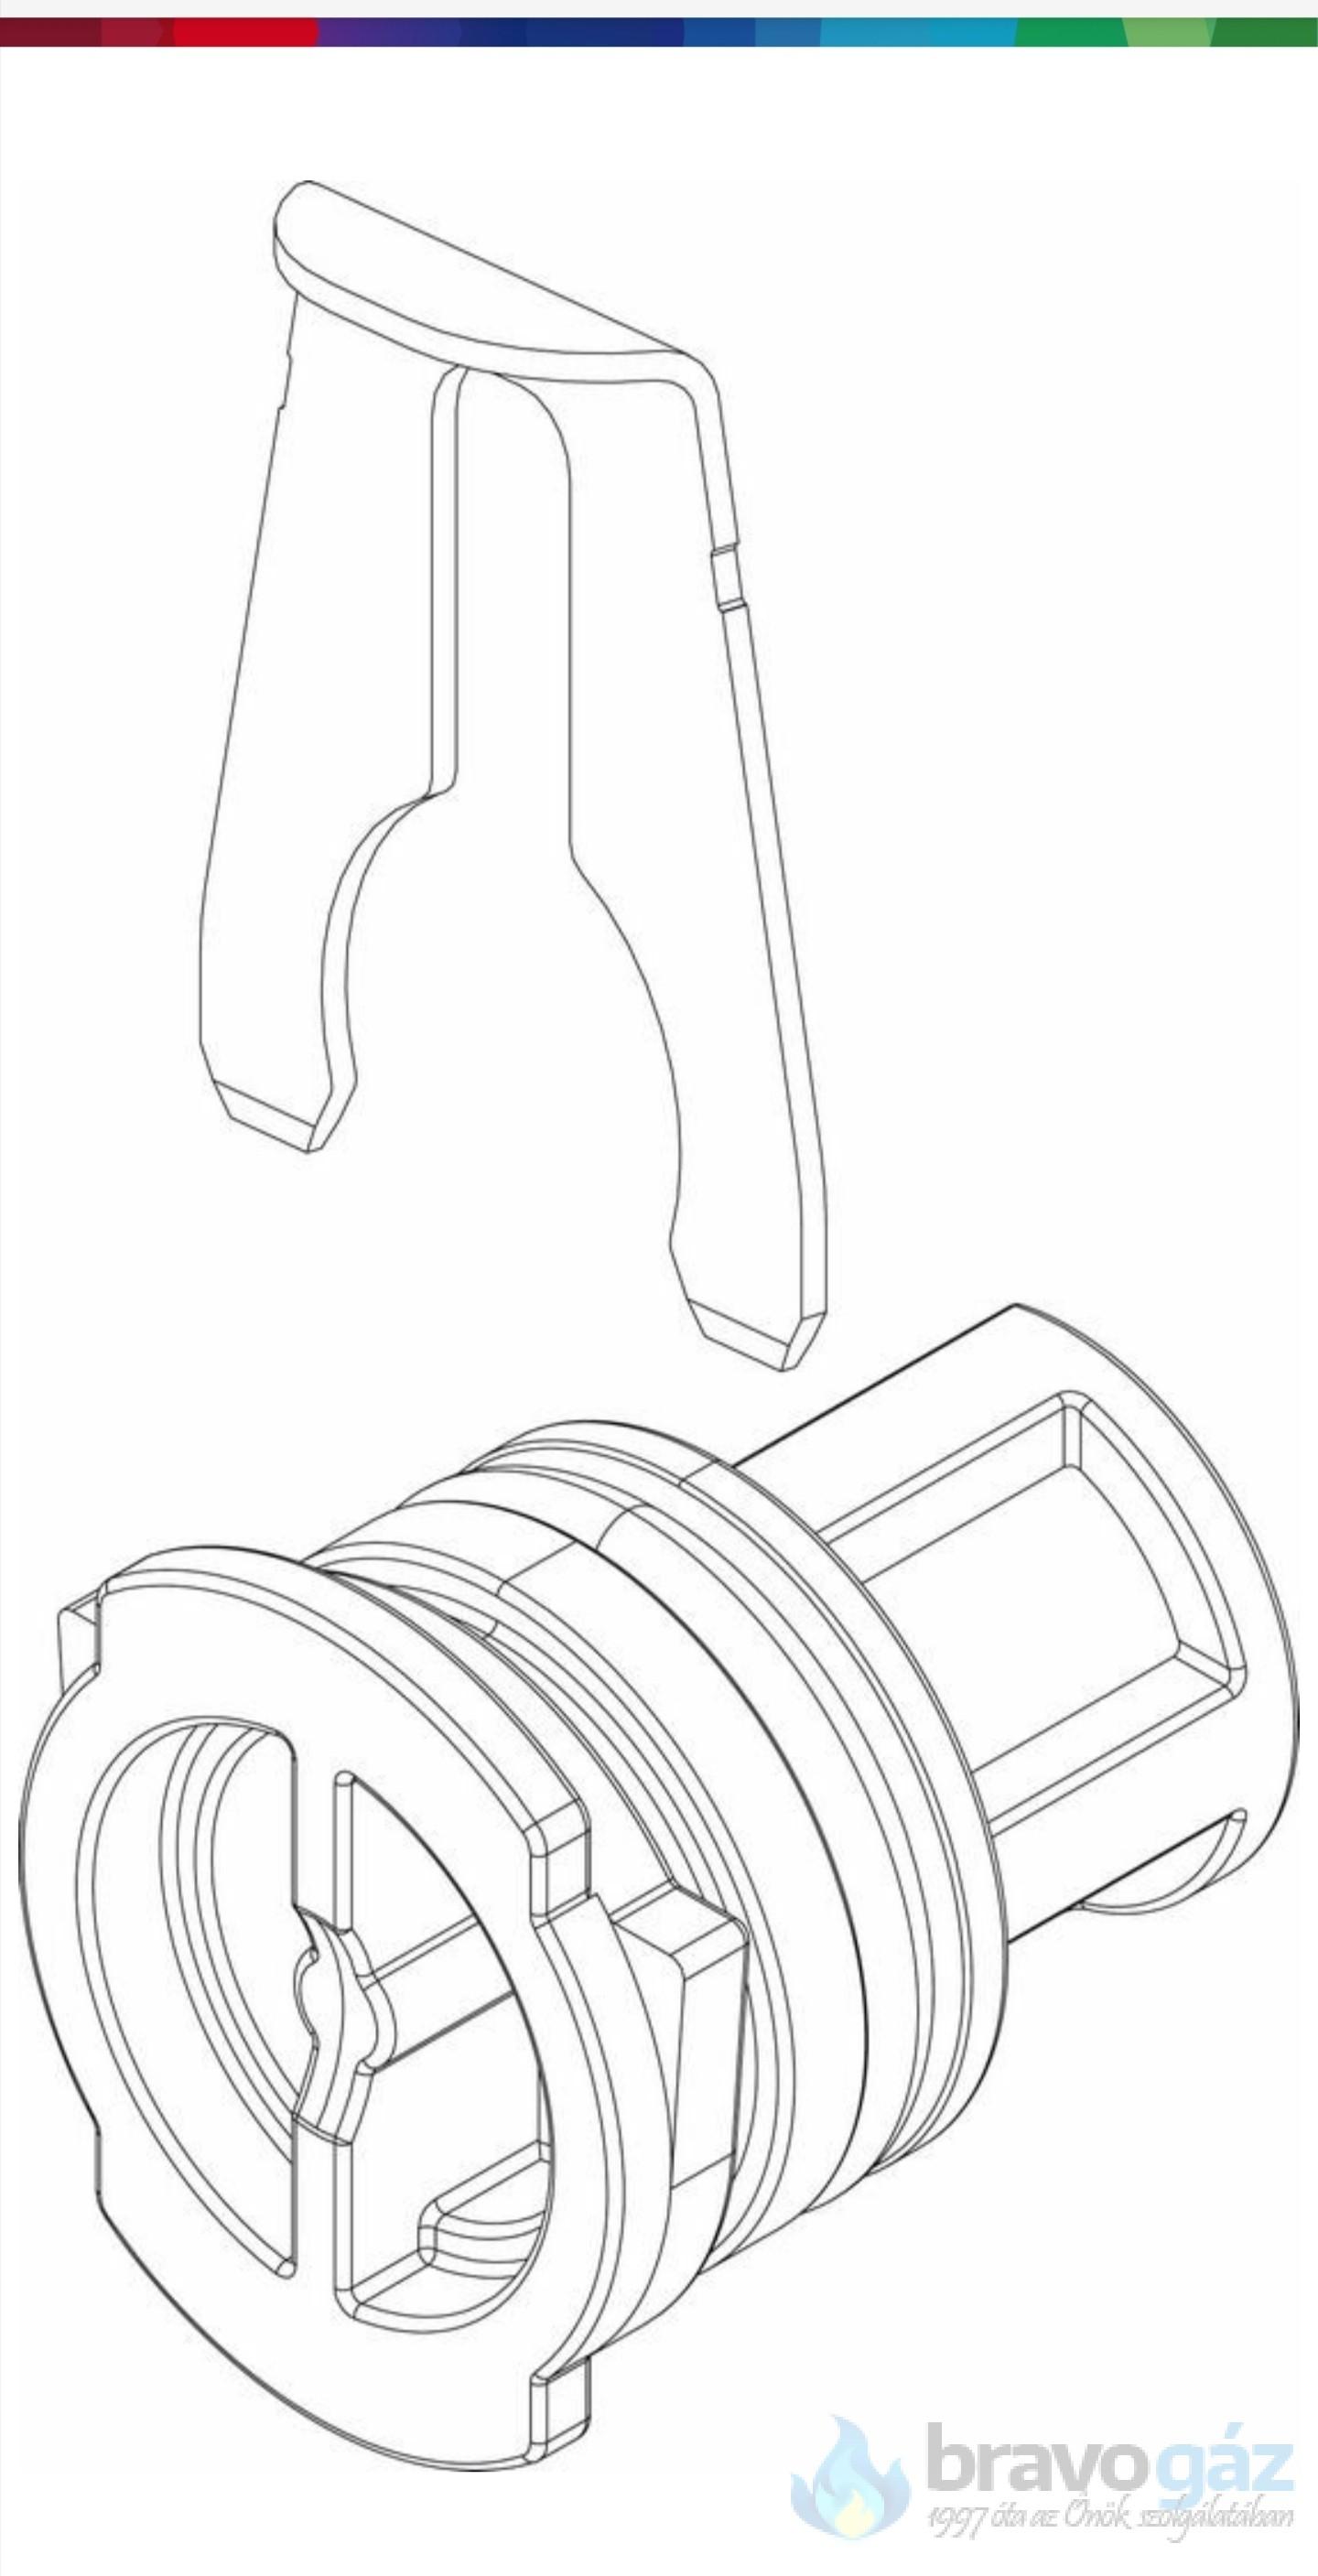 Bosch záródugó tömítéssel - 87186449090